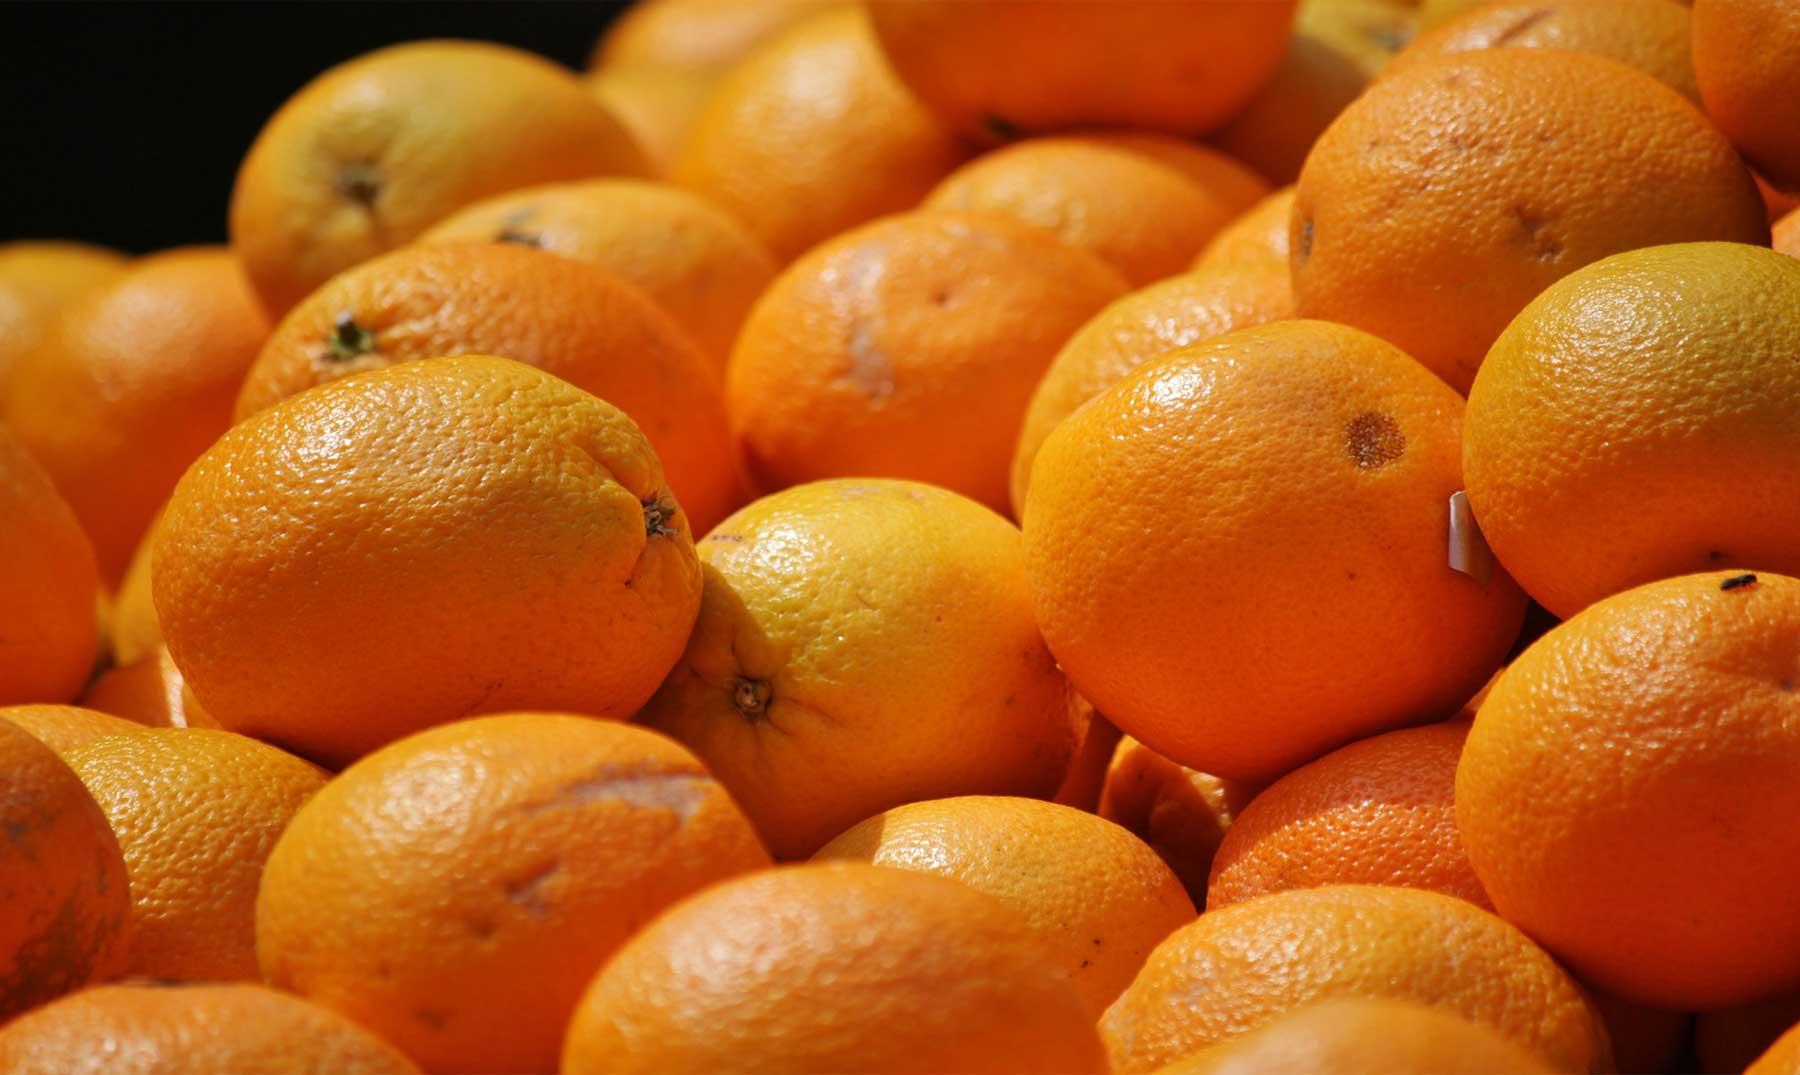 Cítricos: mejor plantar que comprar